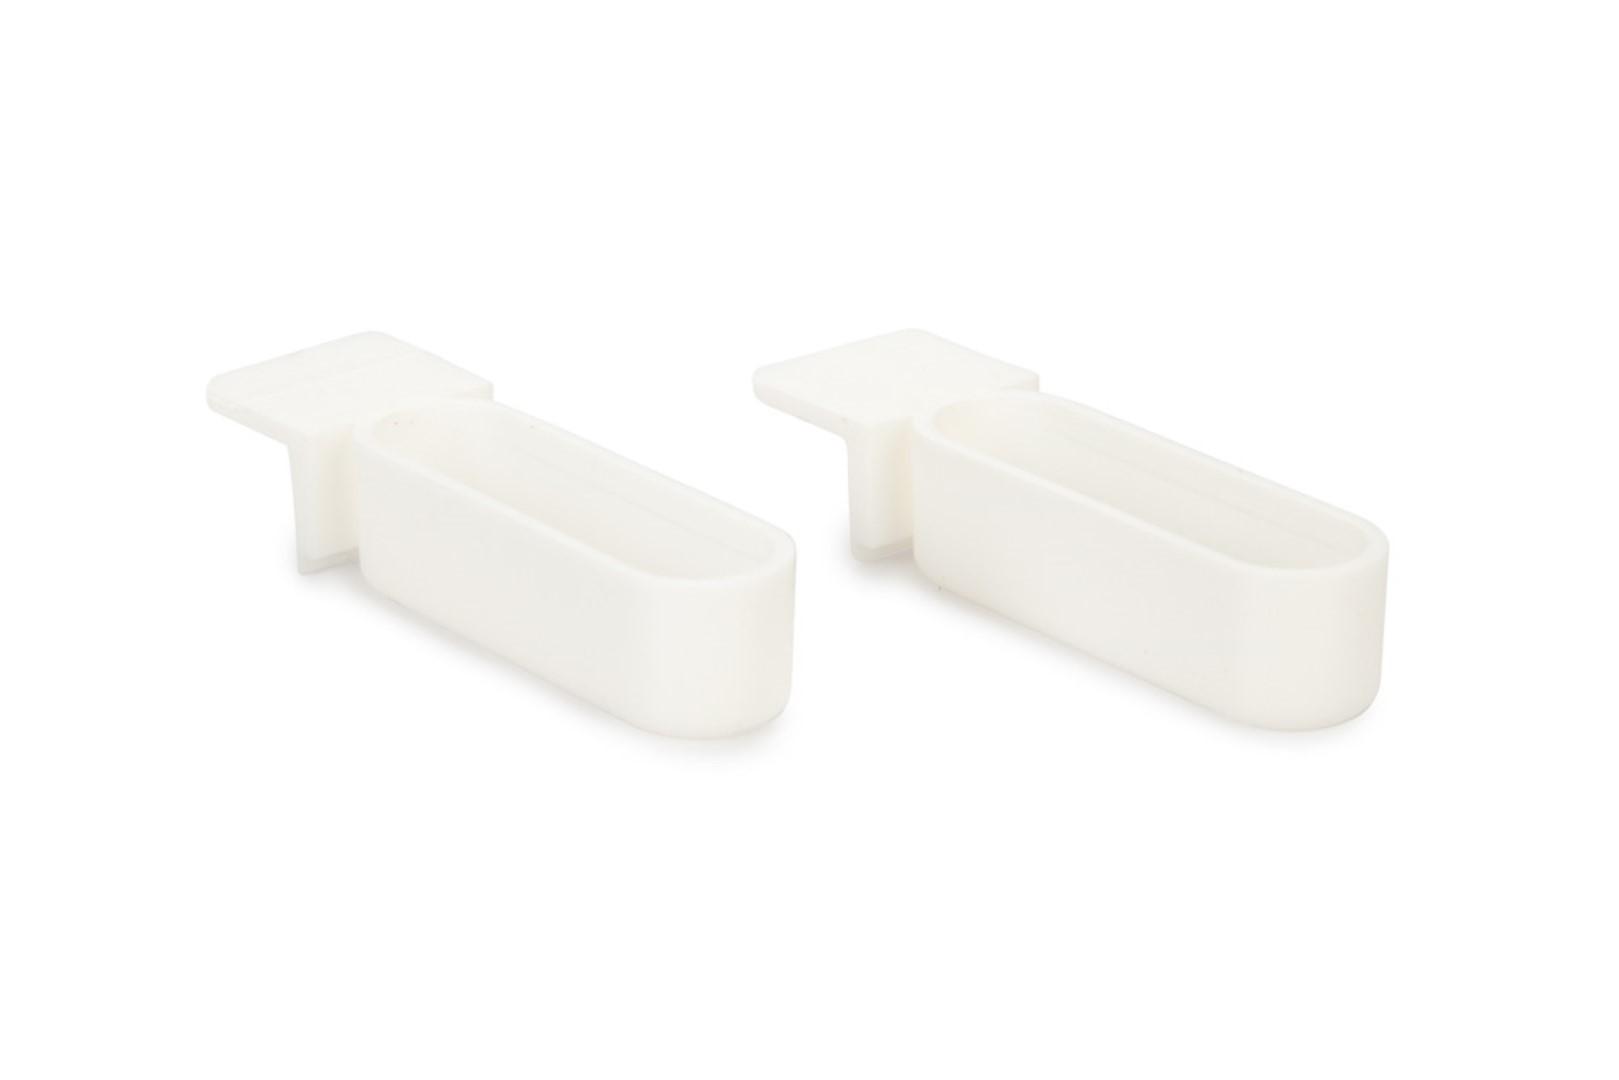 plastic snoepbakje smal wit 2x 1,3